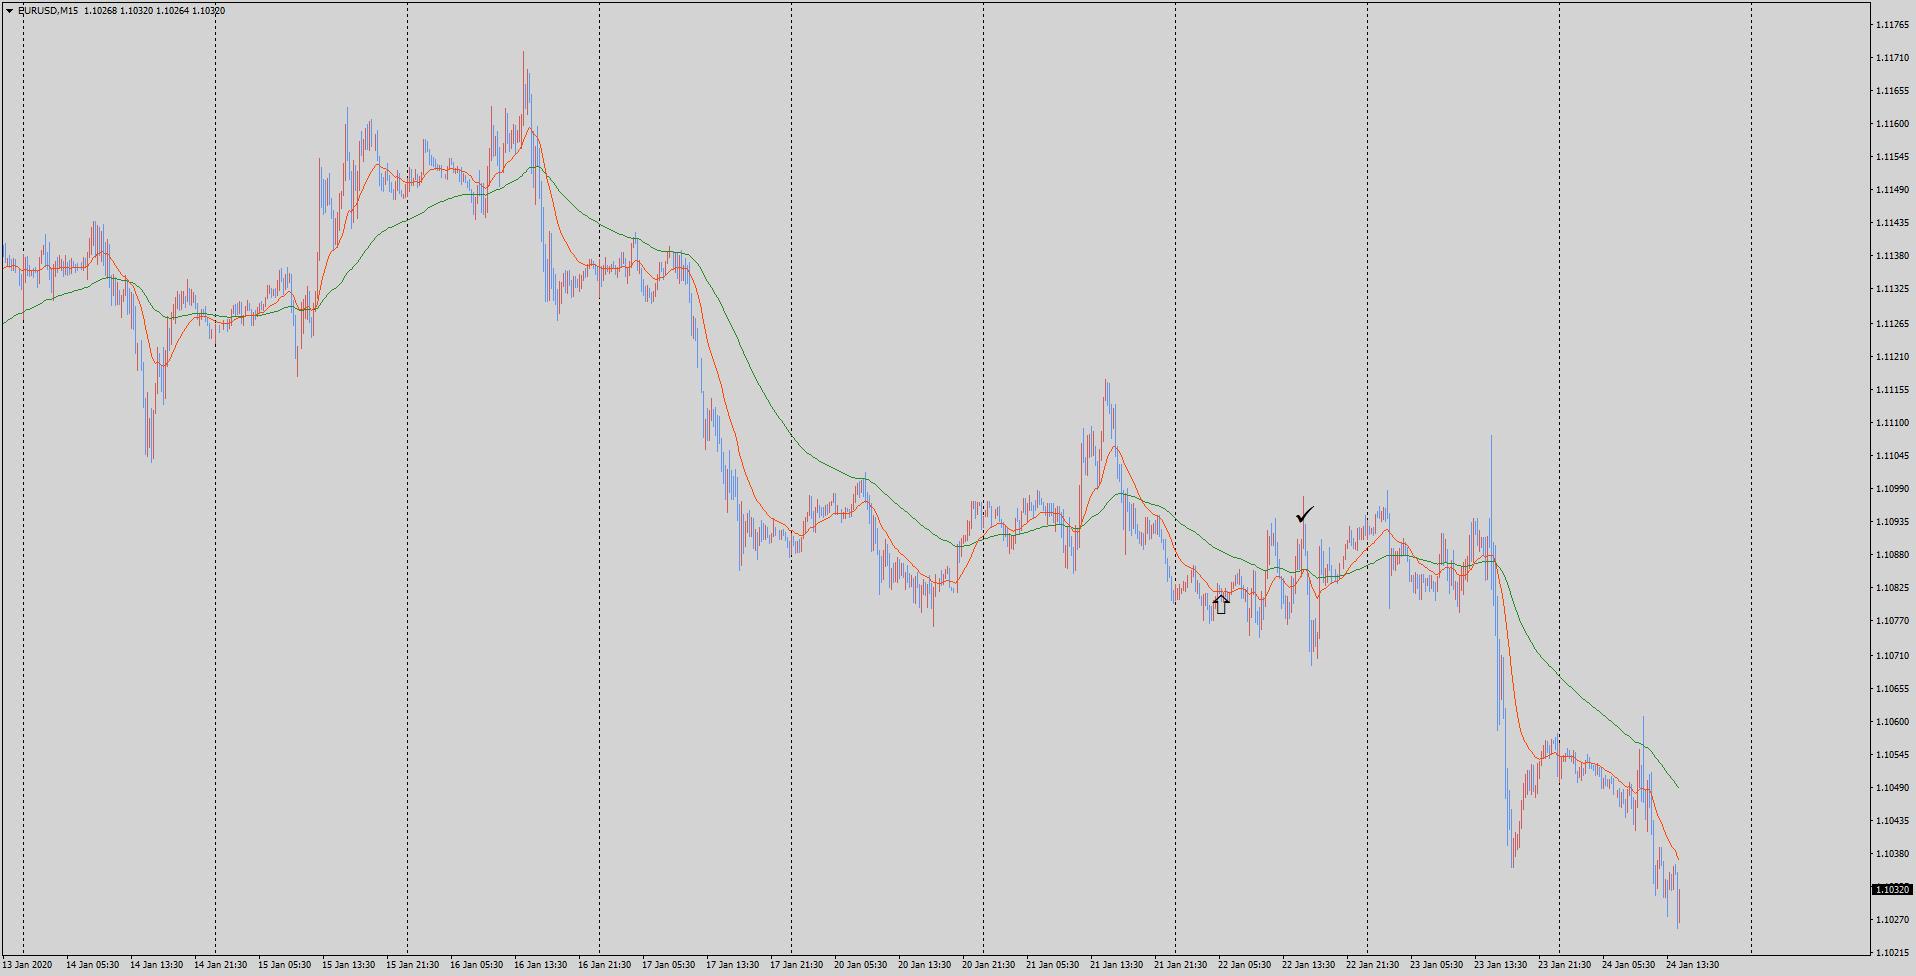 j eurusd-m15-tradexfin-limited-2